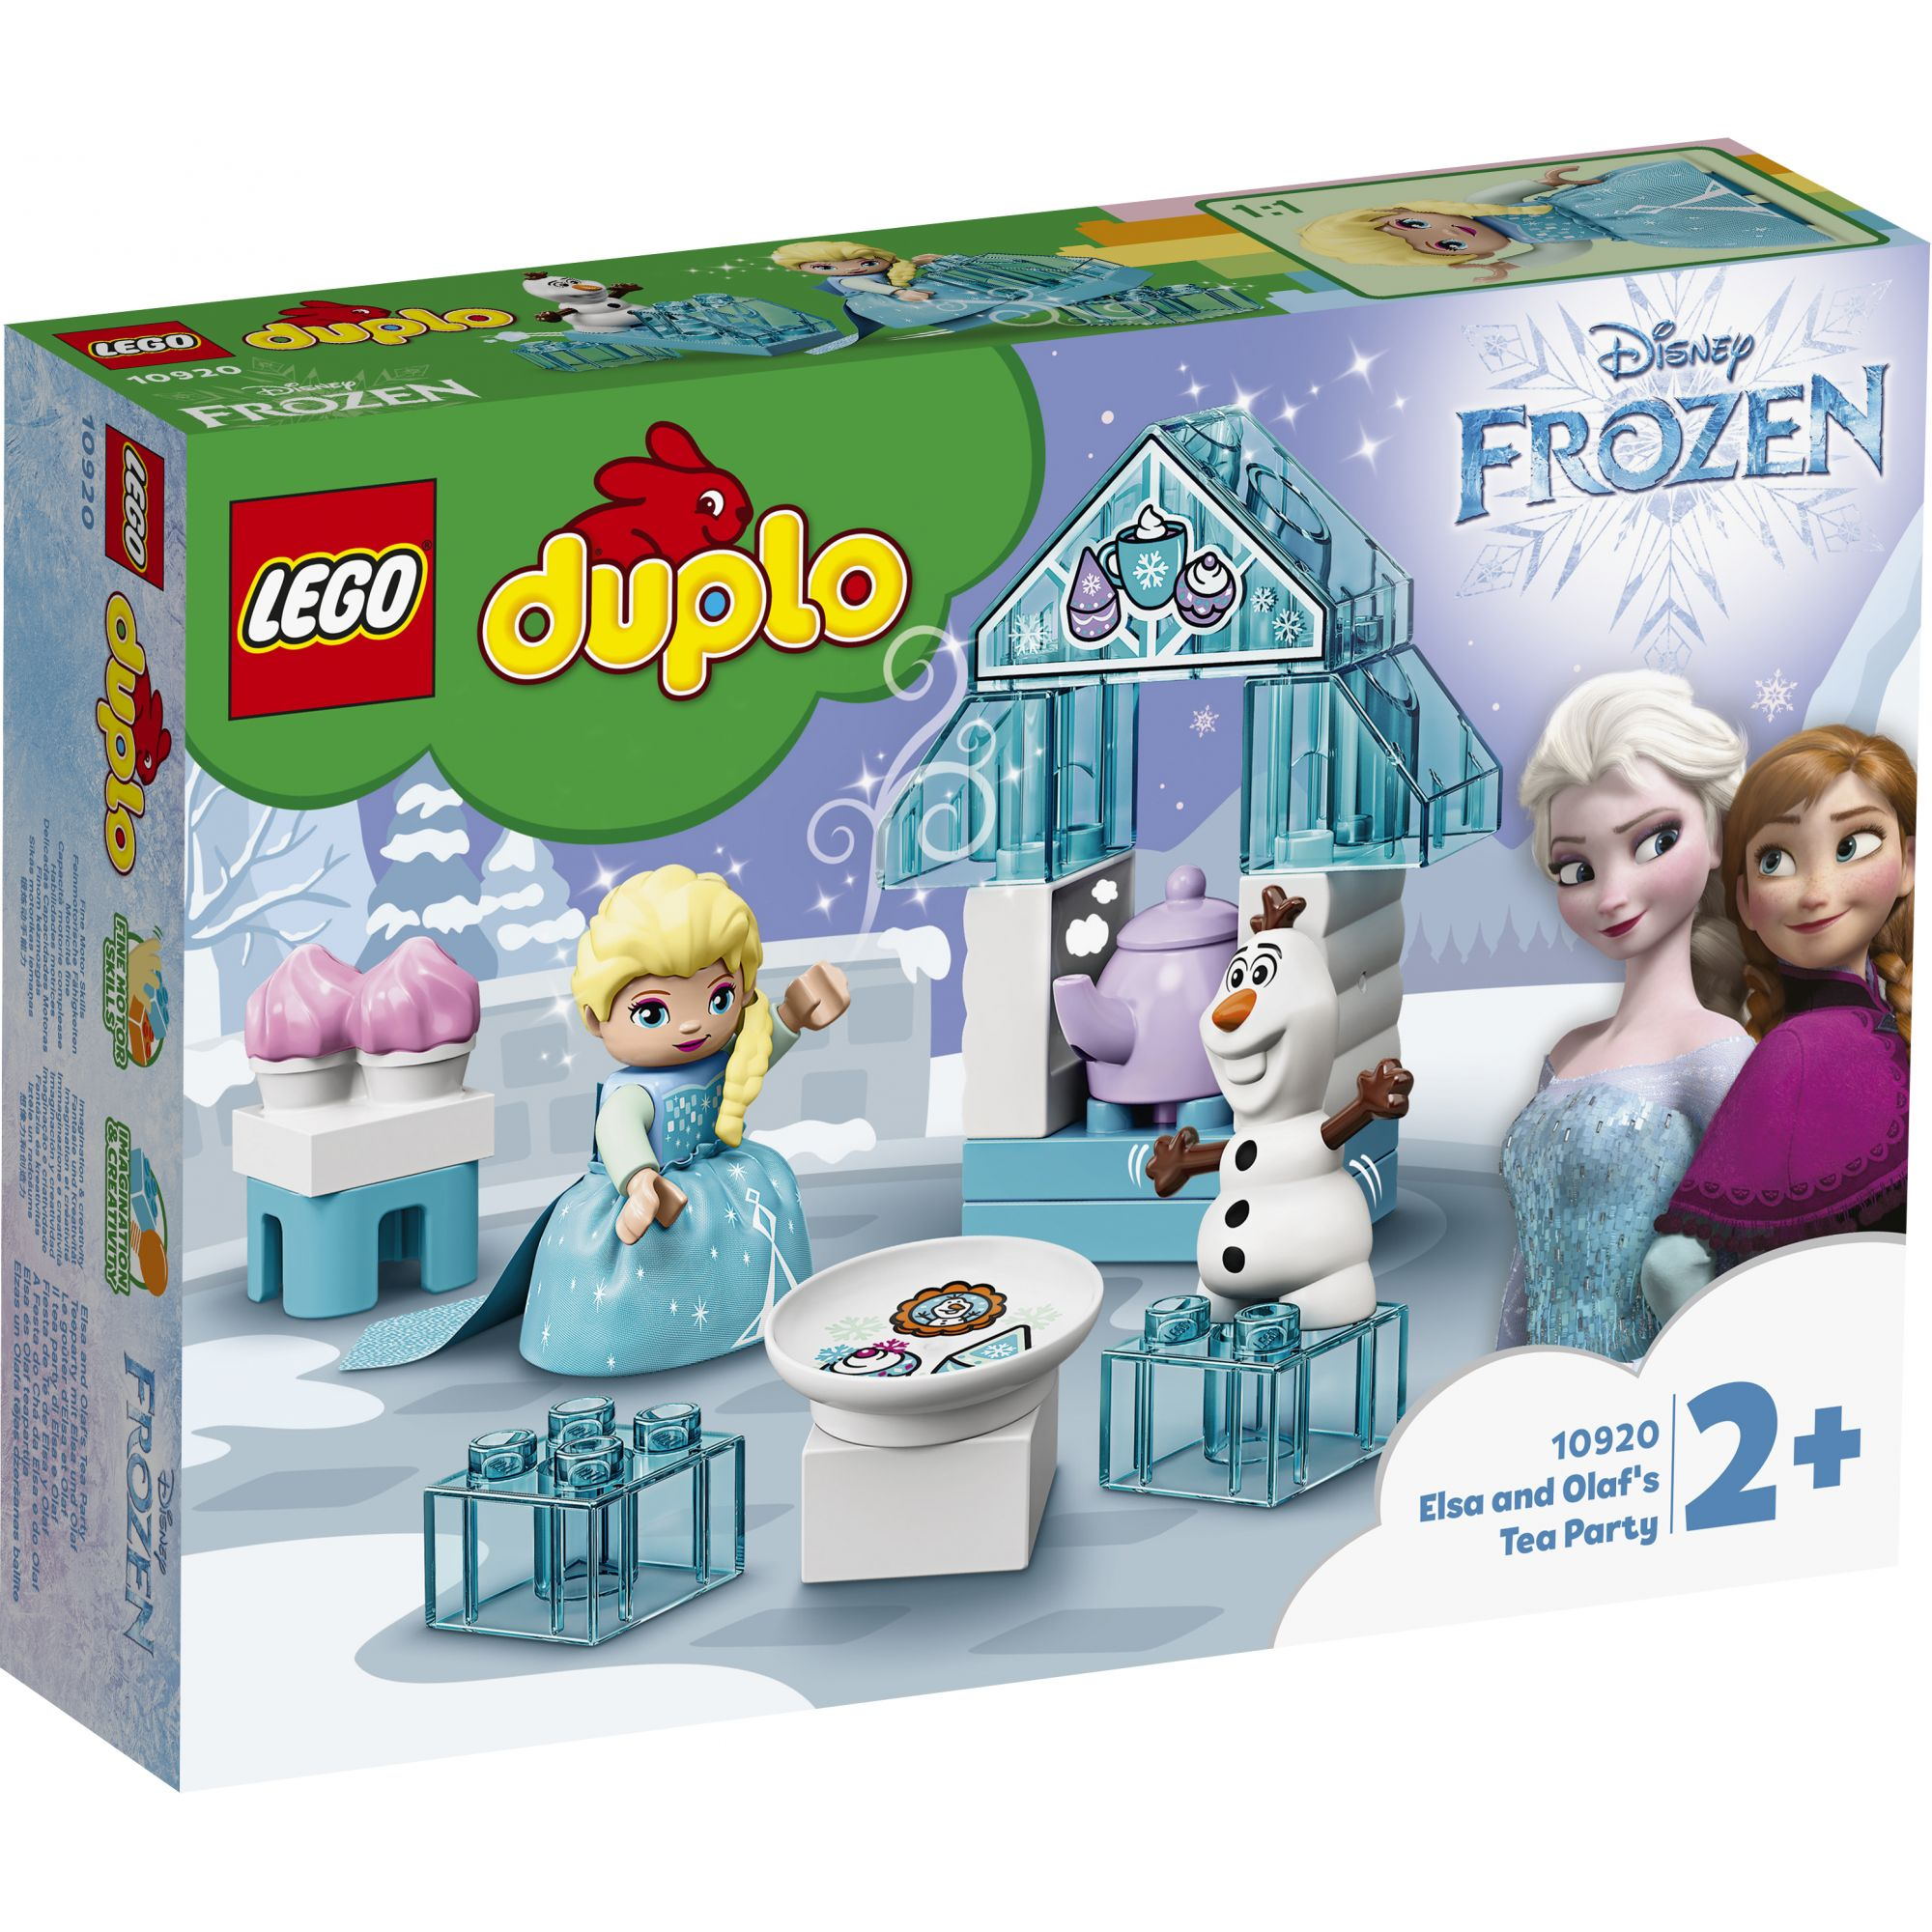 LEGO DUPLO Il tea party di Elsa e Olaf - 10920 LEGO DUPLO